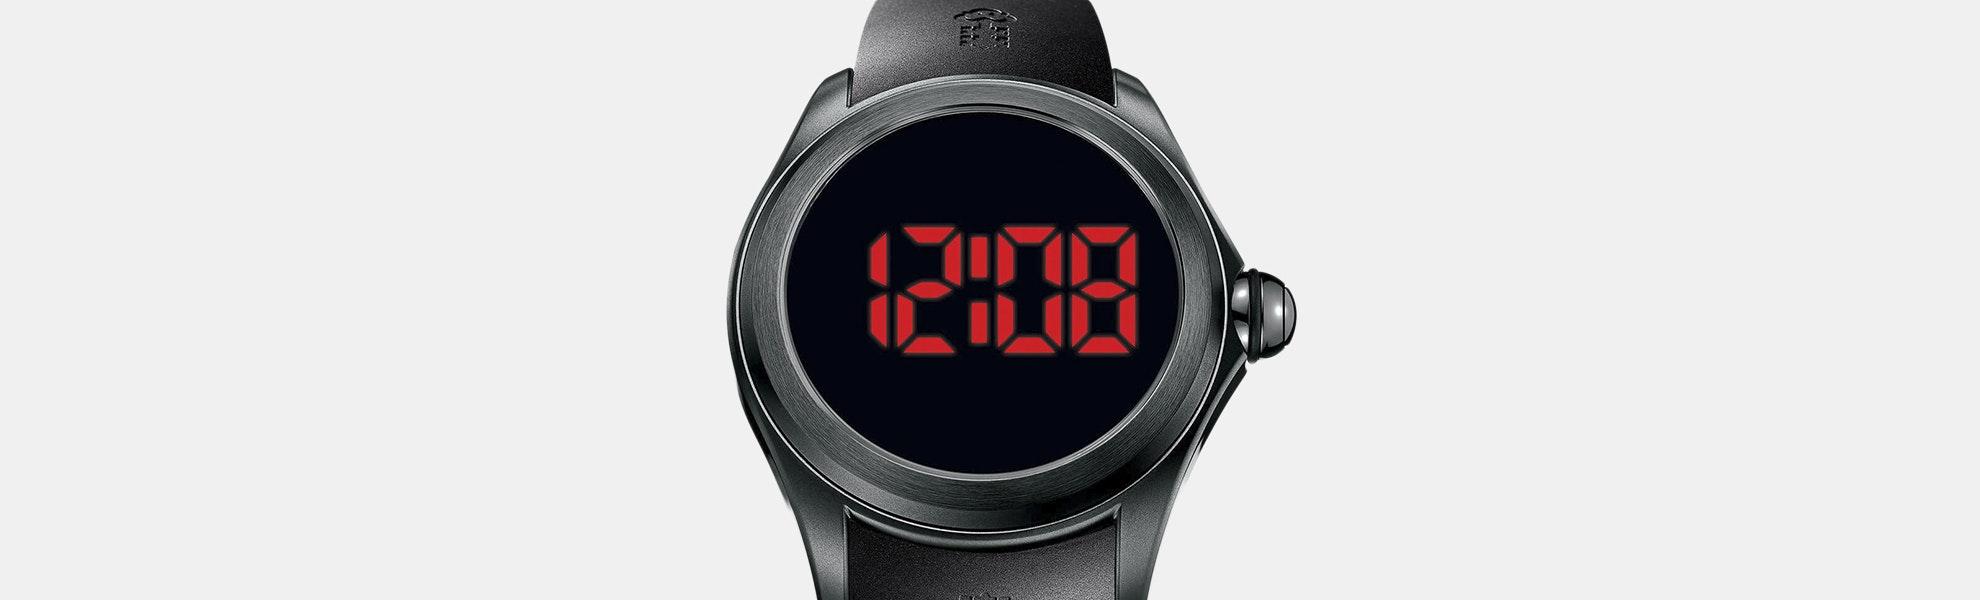 Corum Bubble 47 Disconnected Quartz Watch